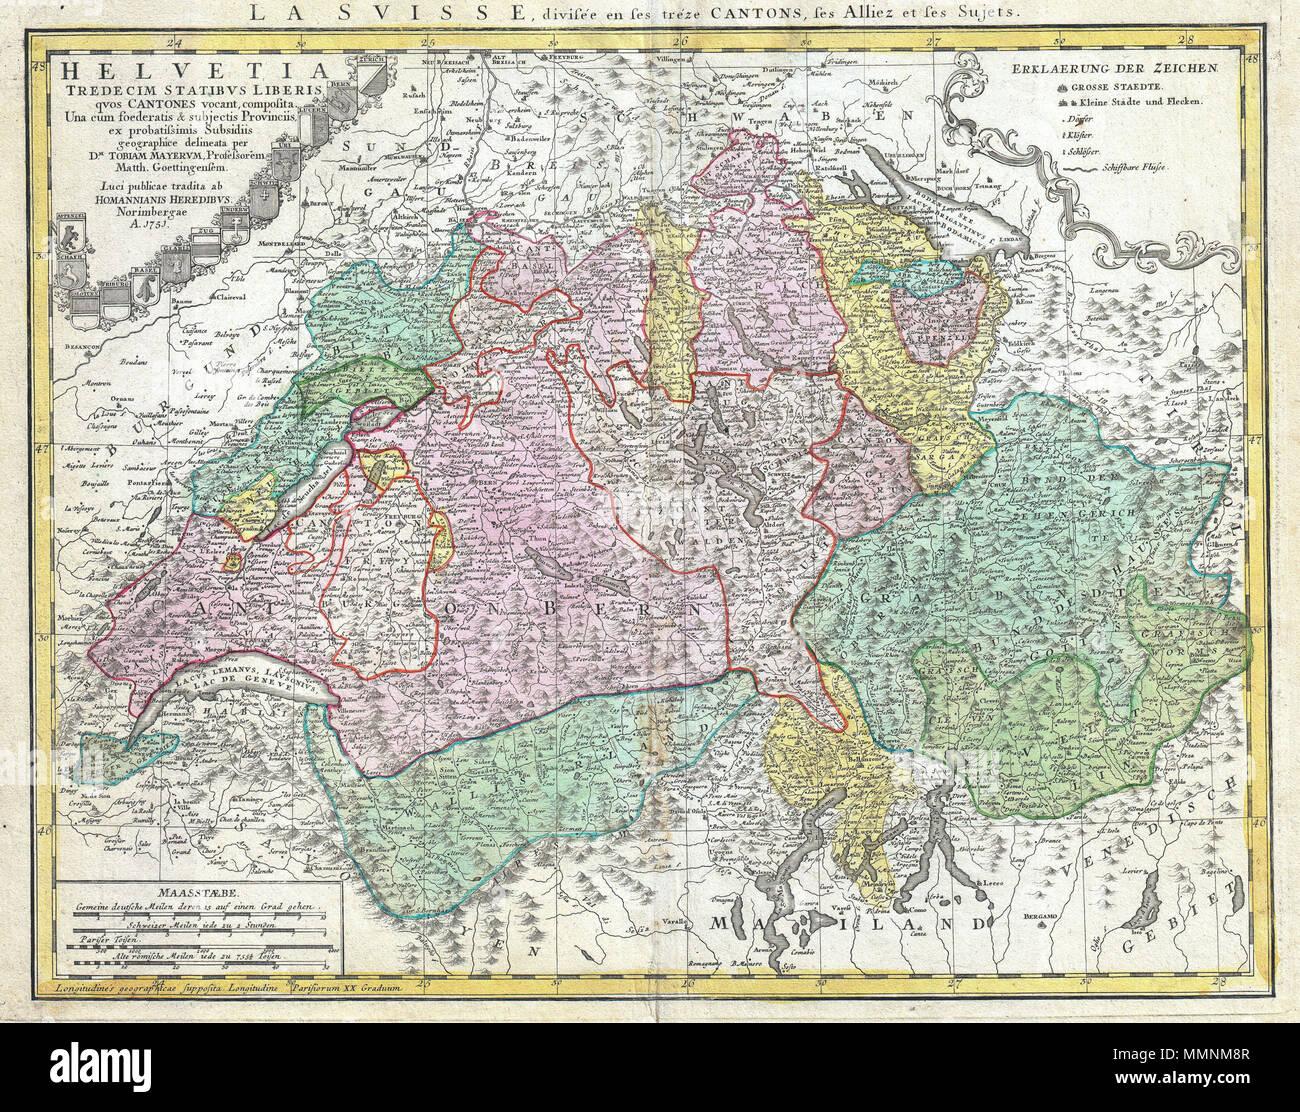 Dettagliata Cartina Della Svizzera.Inglese Una Perfetta E Dettagliata 1751 Eredi Homann Cartina Della Svizzera Rappresenta La Svizzera Lungo Con